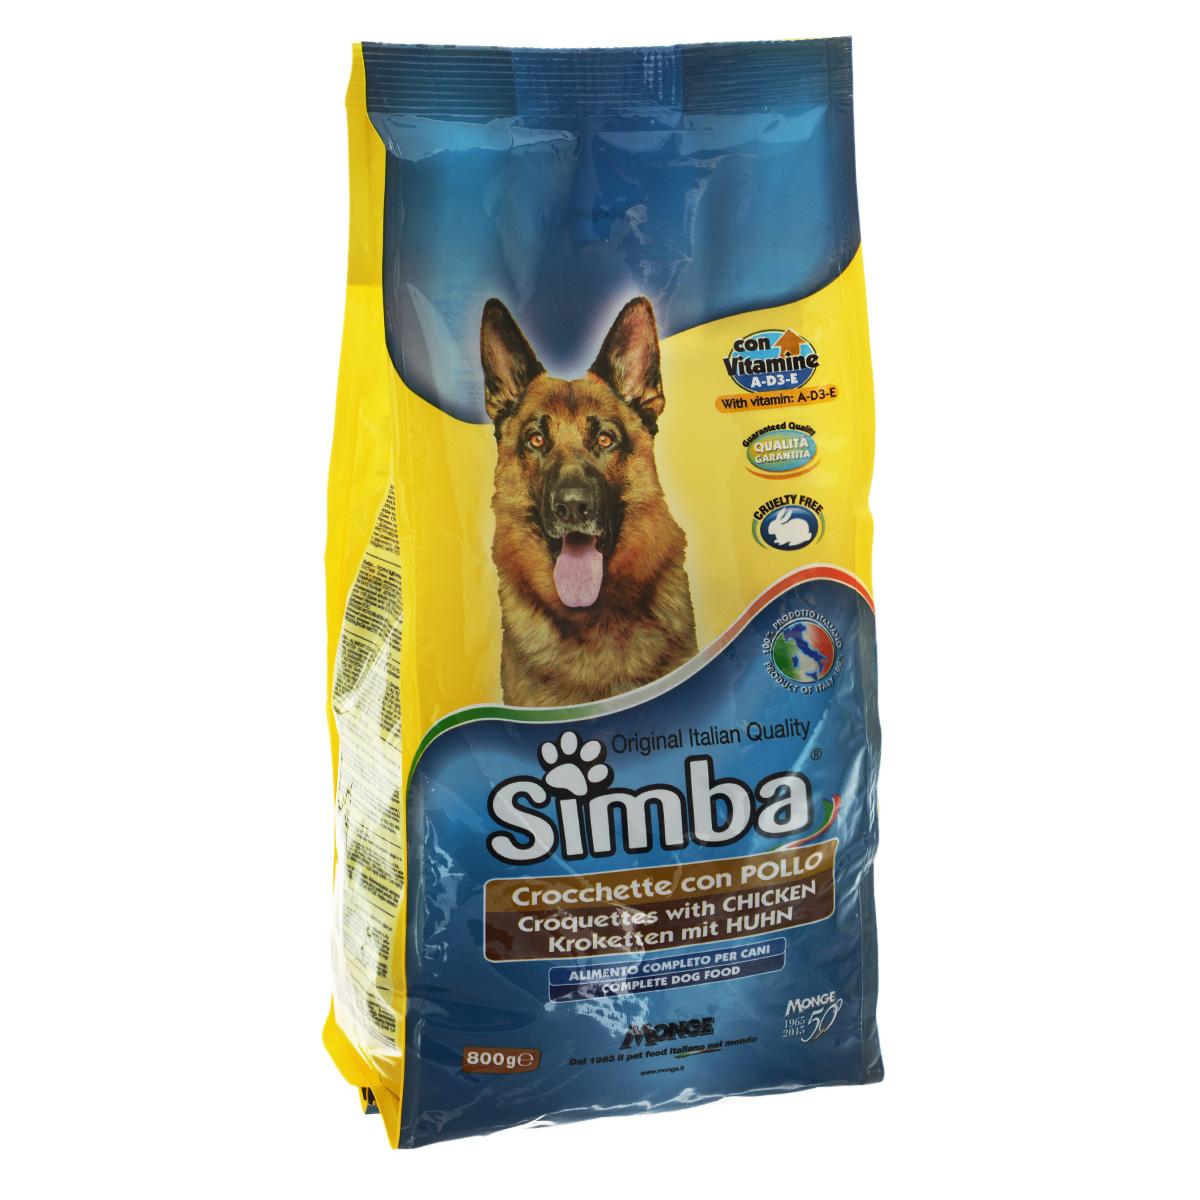 Корм сухой Monge Simba для взрослых собак, с курицей, 800 г70009836Сухой корм Monge Simba - это полноценный корм для собак с витаминами A, D3, E, которые способствуют укреплению здоровья и отличного состояния животных. Оптимальное содержание белка гарантируется наличием куриного мяса. Состав: злаки, мясо и мясопродукты (курица мин. 4,1%), побочные продукты растительного происхождения, масла и жиры, витамины, минеральные вещества. Анализ компонентов: белок 21%, масла и жиры 8%, сырая клетчатка 4,5%, сырая зола 9,5%. Витамины и добавки на 1 кг: витамин А 10000 МЕ, витамин D3 700 МЕ, витамин Е 50 мг, сульфат марганца 80 мг (марганец 25 мг), оксид цинка 170 мг (цинк 120 мг), сульфат меди 40 мг (медь 10 мг), сульфат железа 290 мг (железо 87 мг), селенит натрия 0,39 мг (селен 0,17 мг), йодат кальция 2,20 мг (йод 1,40 мг), антиоксиданты ЕЭС. Товар сертифицирован.